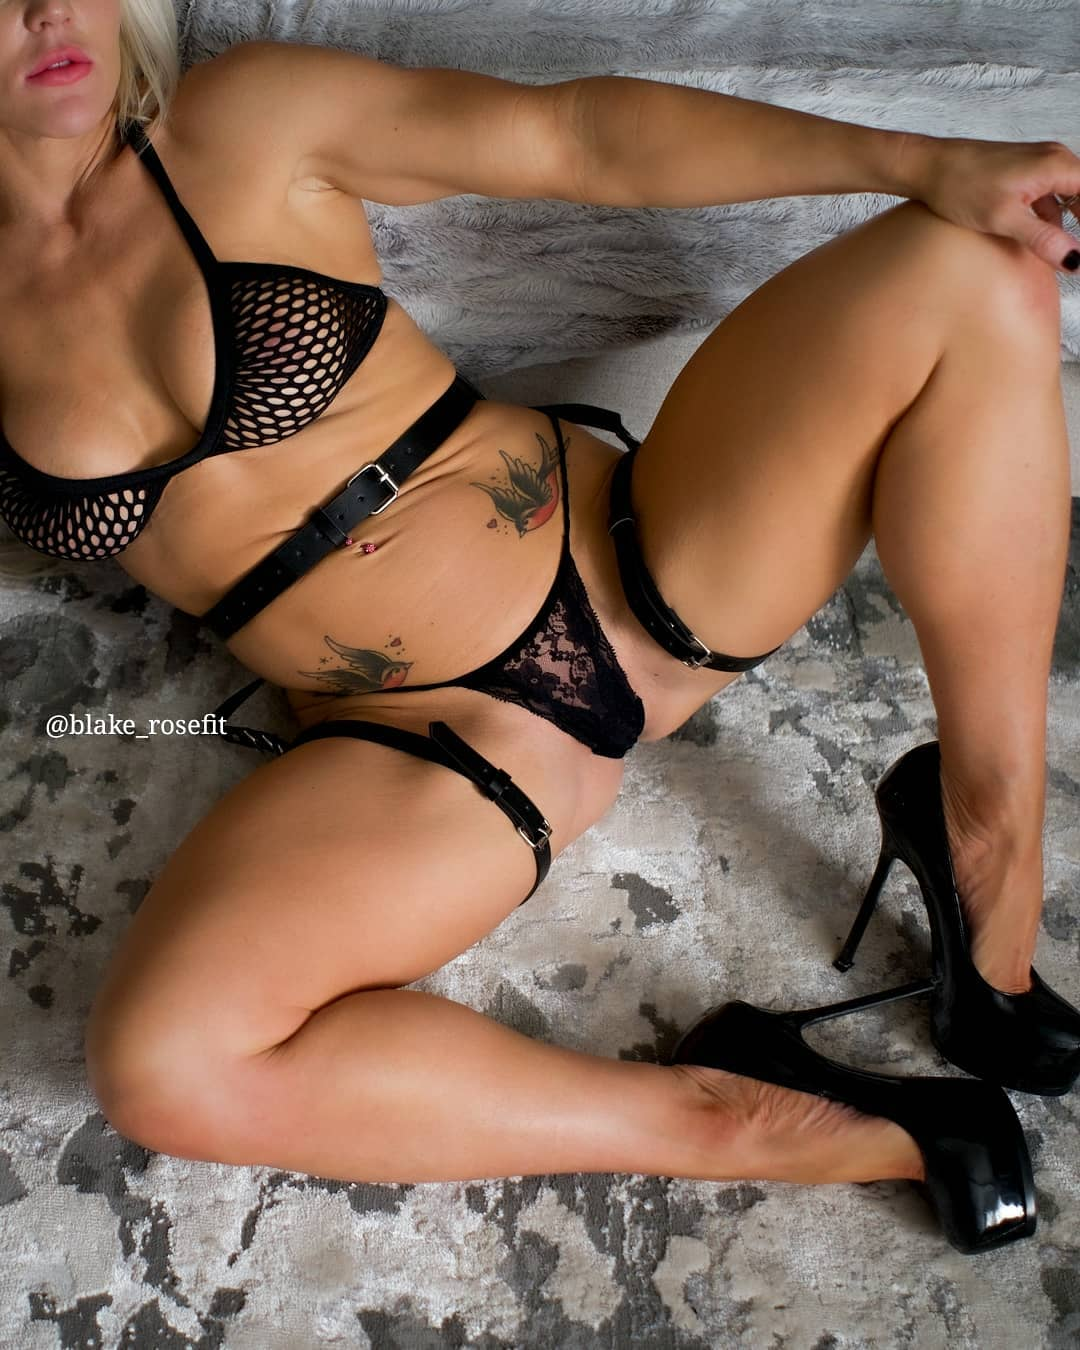 Blake Rose Nude Blake Rosefit Onlyfans Leaked! 0075